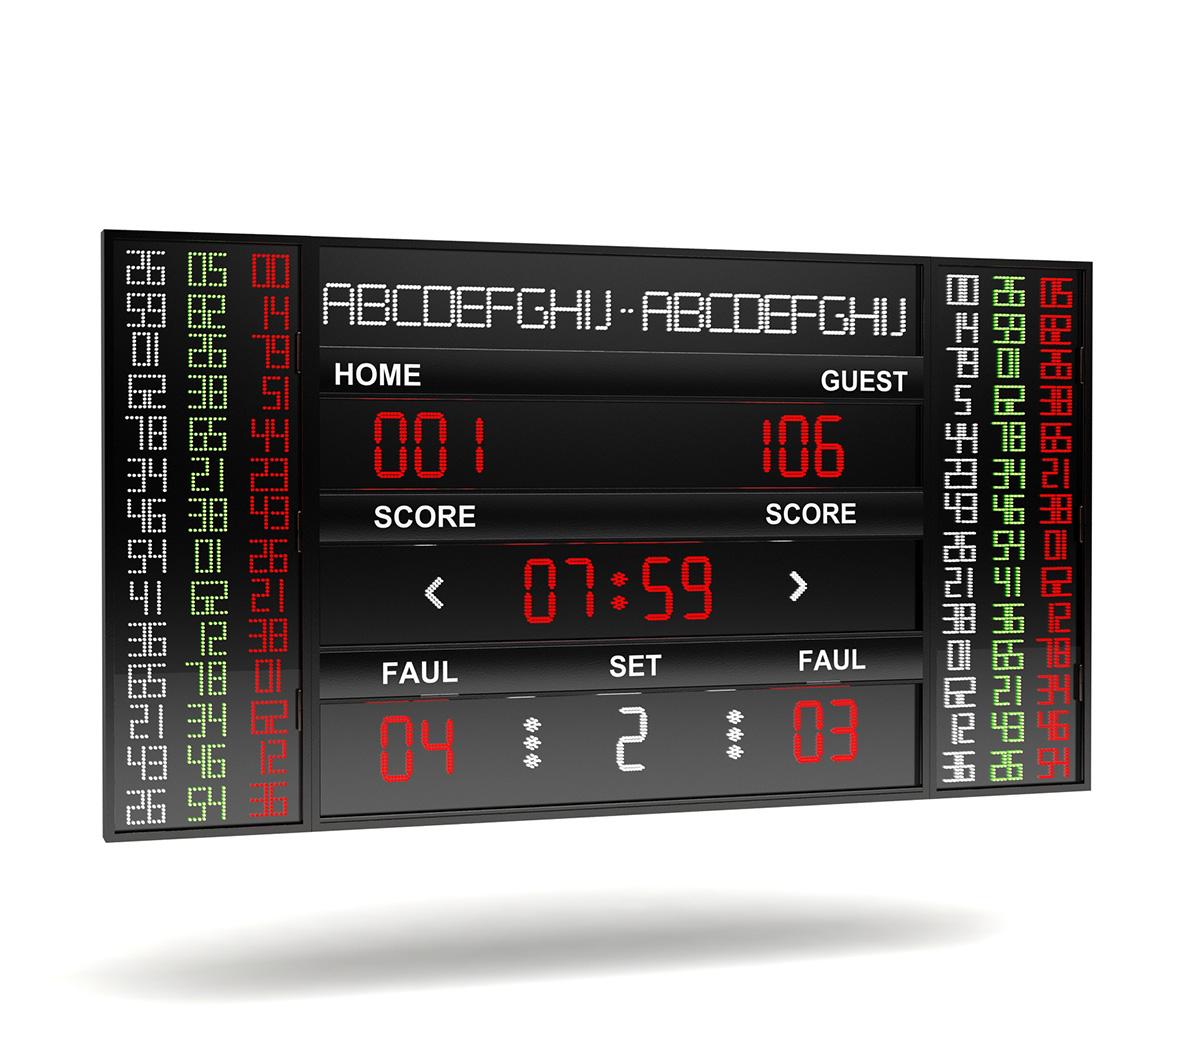 BS 106 14 HATLI NBA SKORBORD